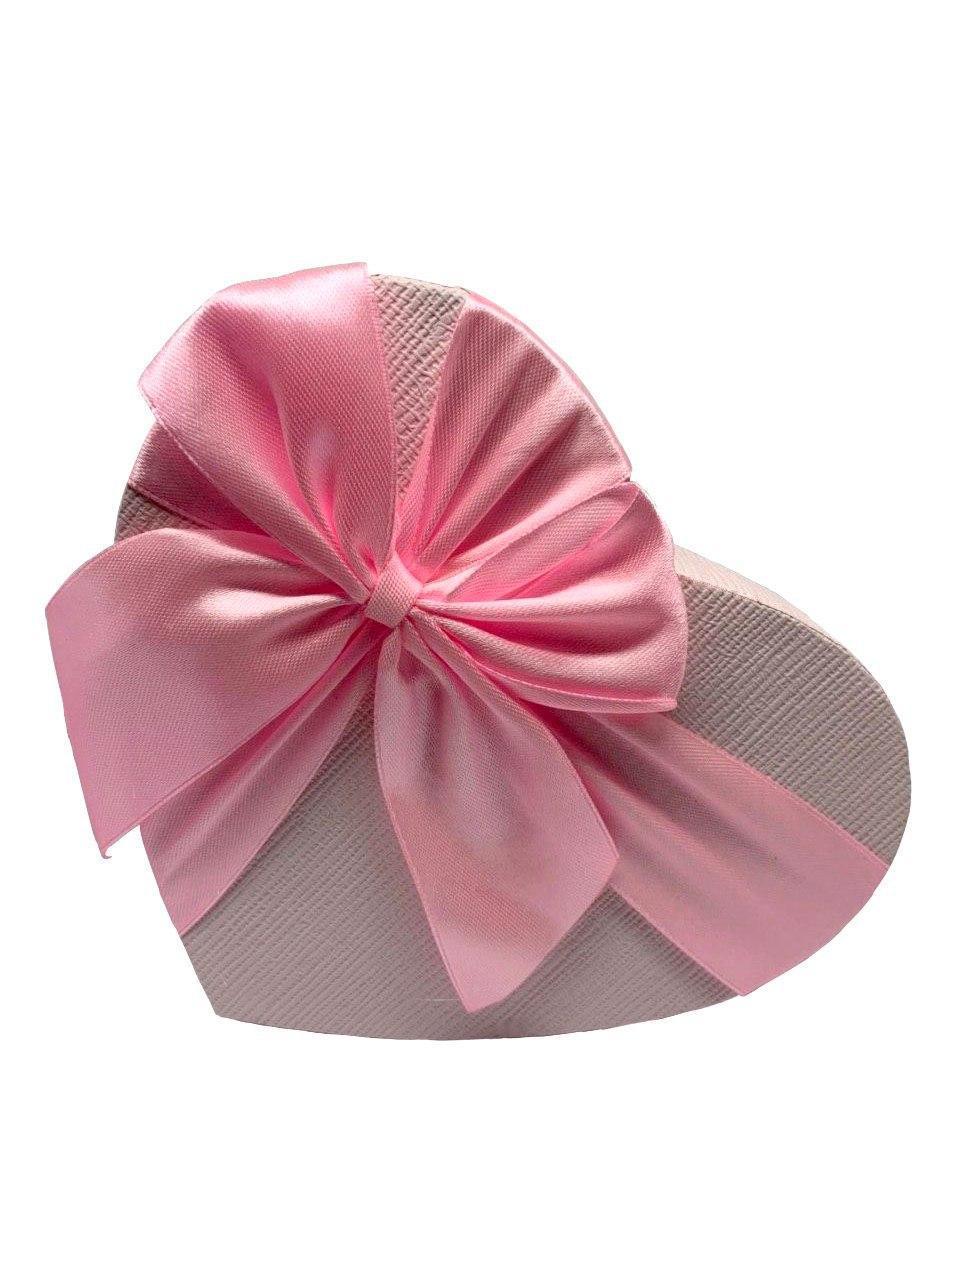 Подарочная коробочка в форме сердца. Розовая